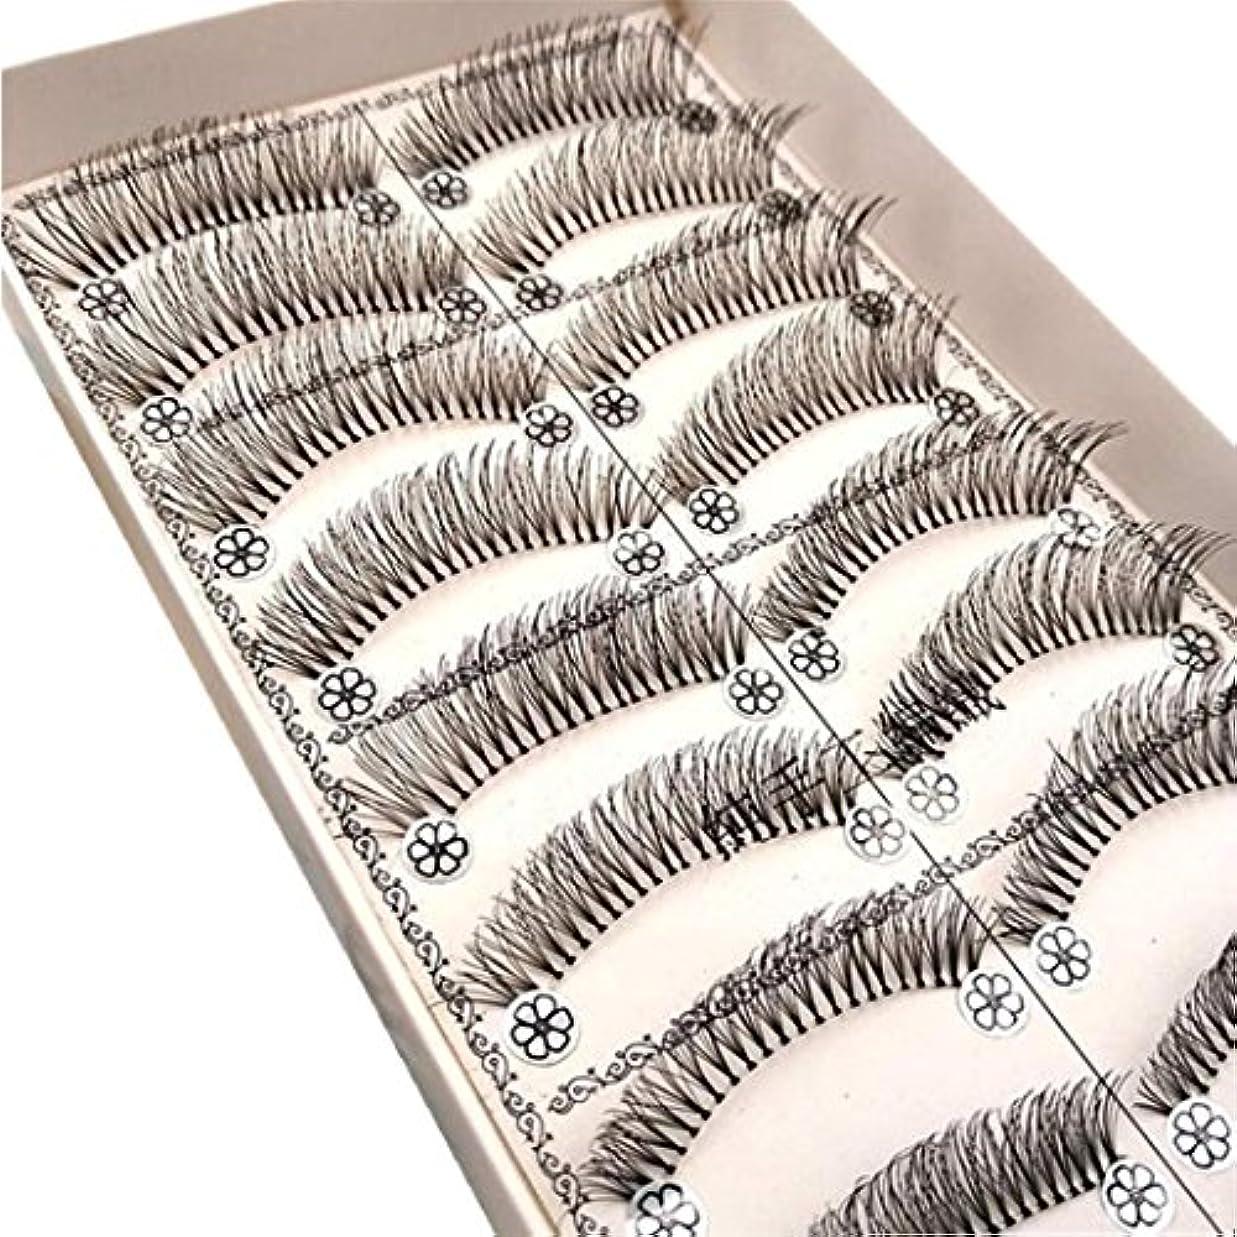 確立しますシェード浅いFeteso 10組 偽のまつげセット つけまつげ 上まつげ Eyelashes アイラッシュ ビューティー まつげエクステ レディース 化粧ツール アイメイクアップ 人気 ナチュラル 飾り 再利用可能 濃密 柔らかい